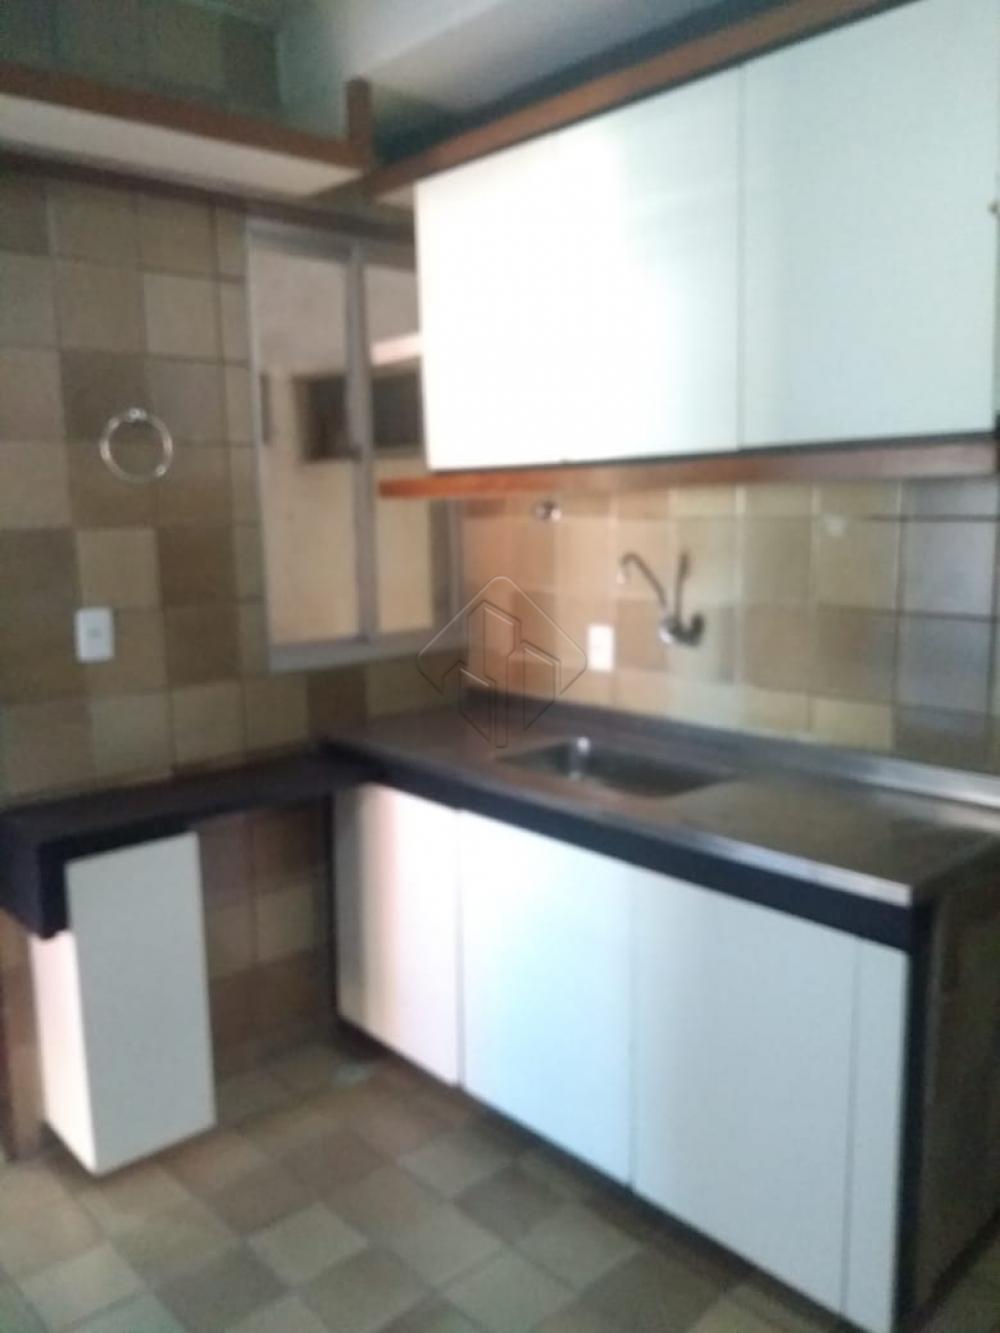 Comprar Apartamento / Padrão em João Pessoa apenas R$ 300.000,00 - Foto 43